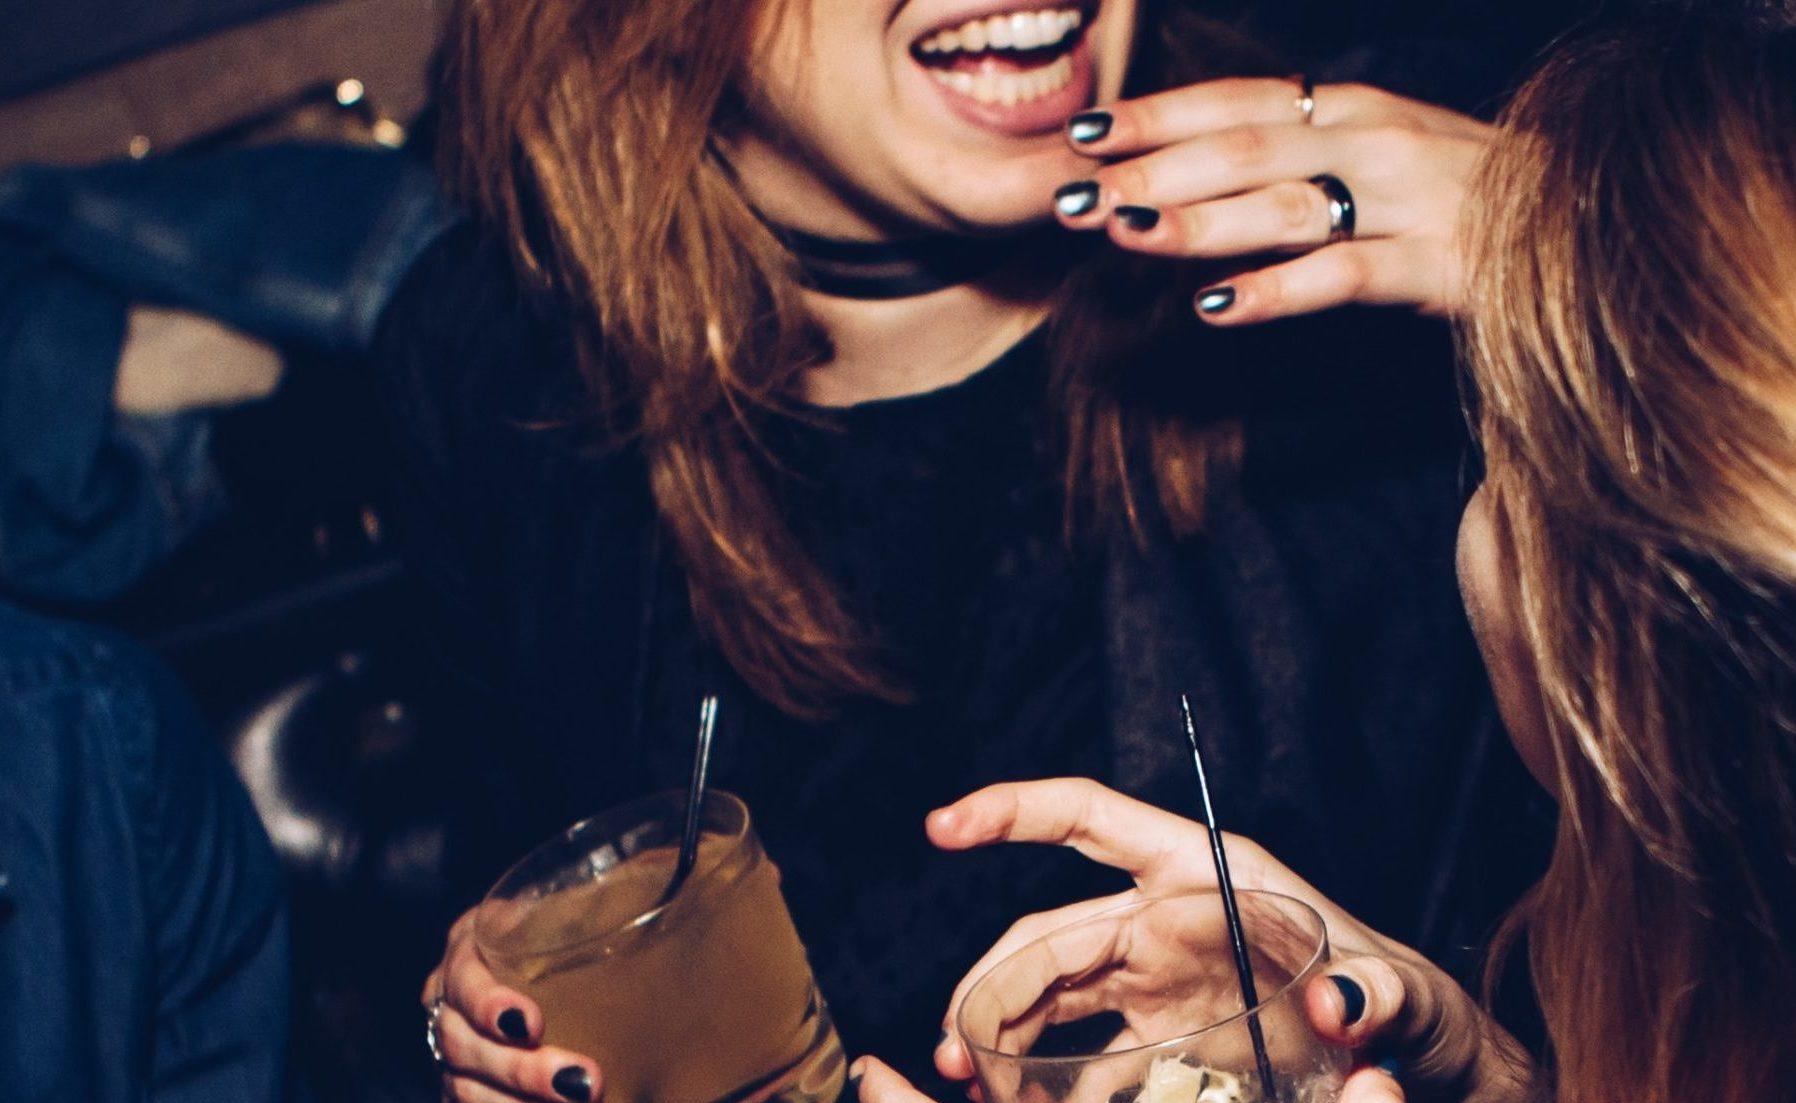 Evo kako različite vrste alkohola utiču na vaše raspoloženje